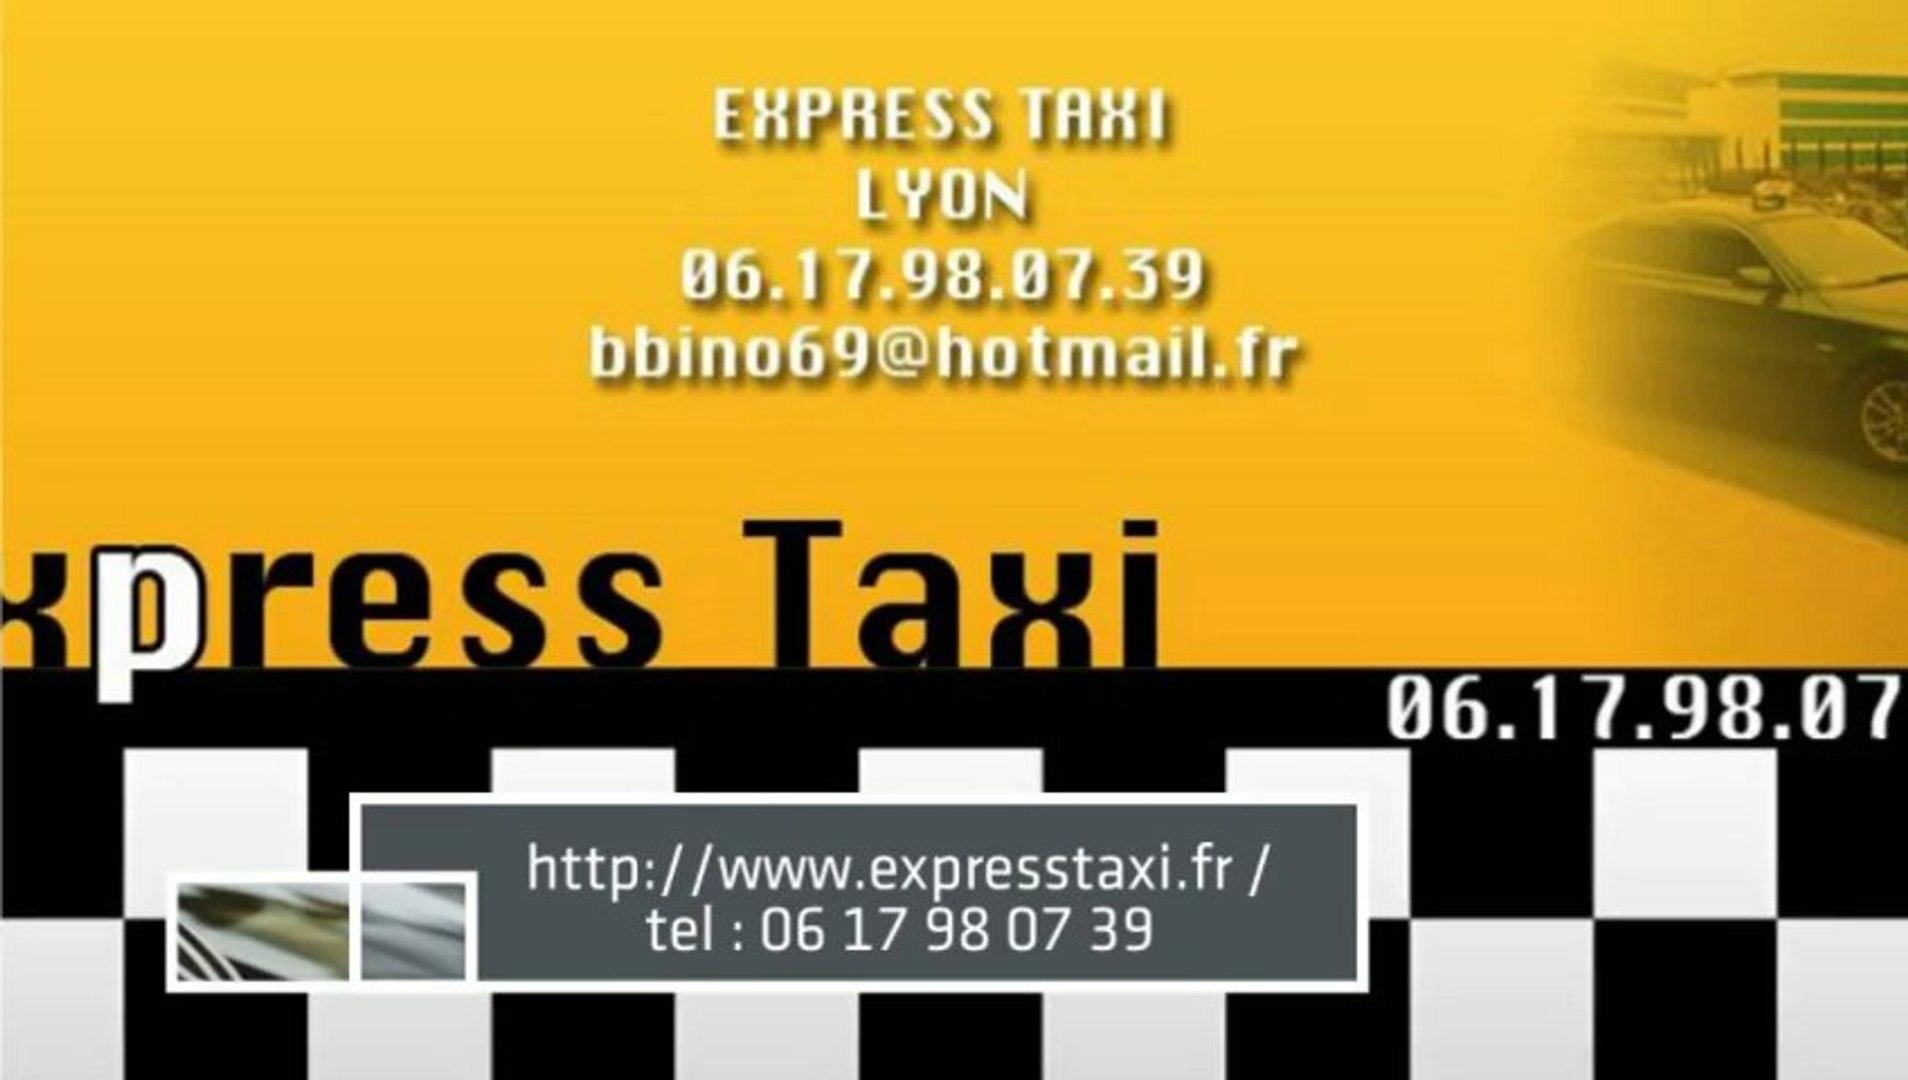 Taxi aéroport Lyon - tel : 06 17 98 07 39 - ExpressTaxi : réservez un taxi aéroport à Lyon.